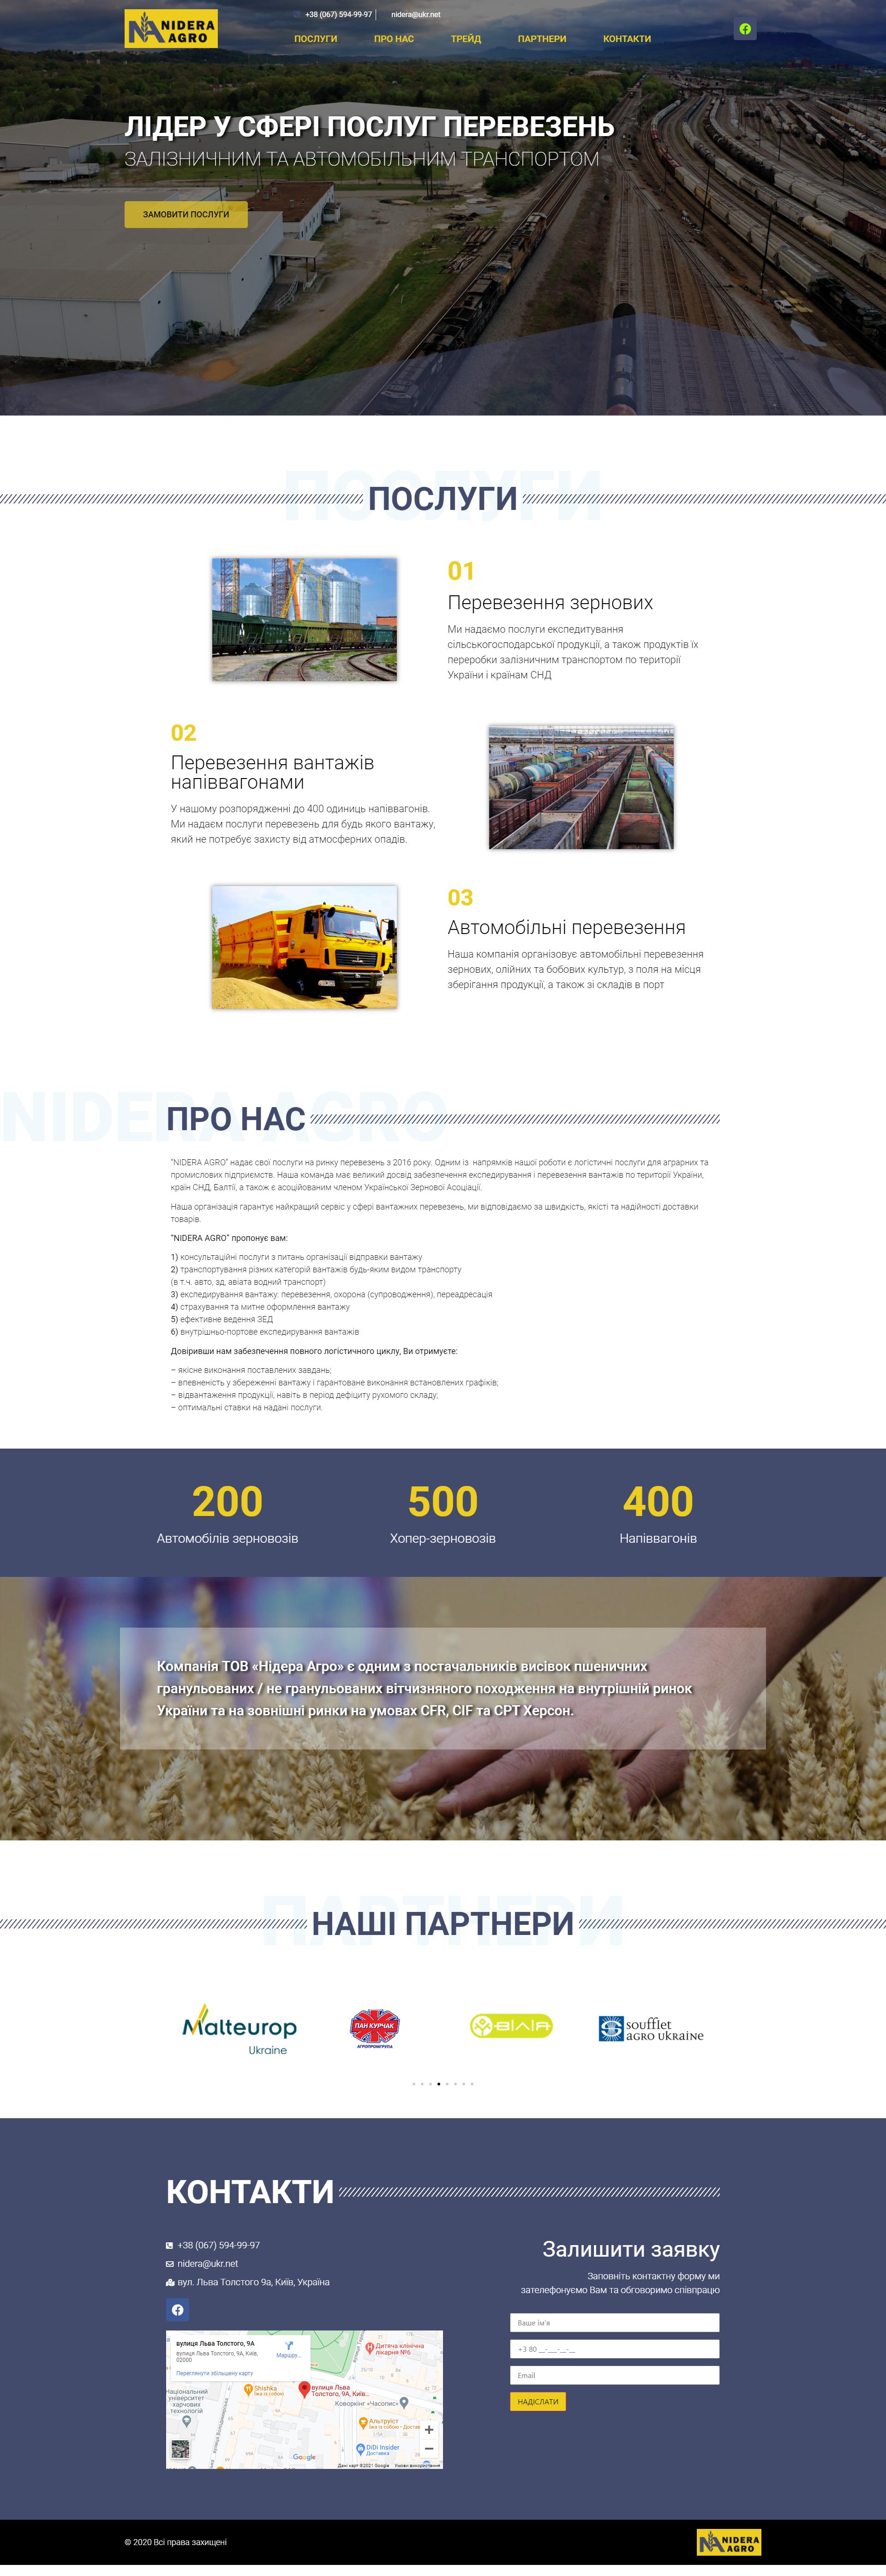 Фото Односторінковий сайт-візитка на cms wordpress https://www.nidera-agro.com.ua/